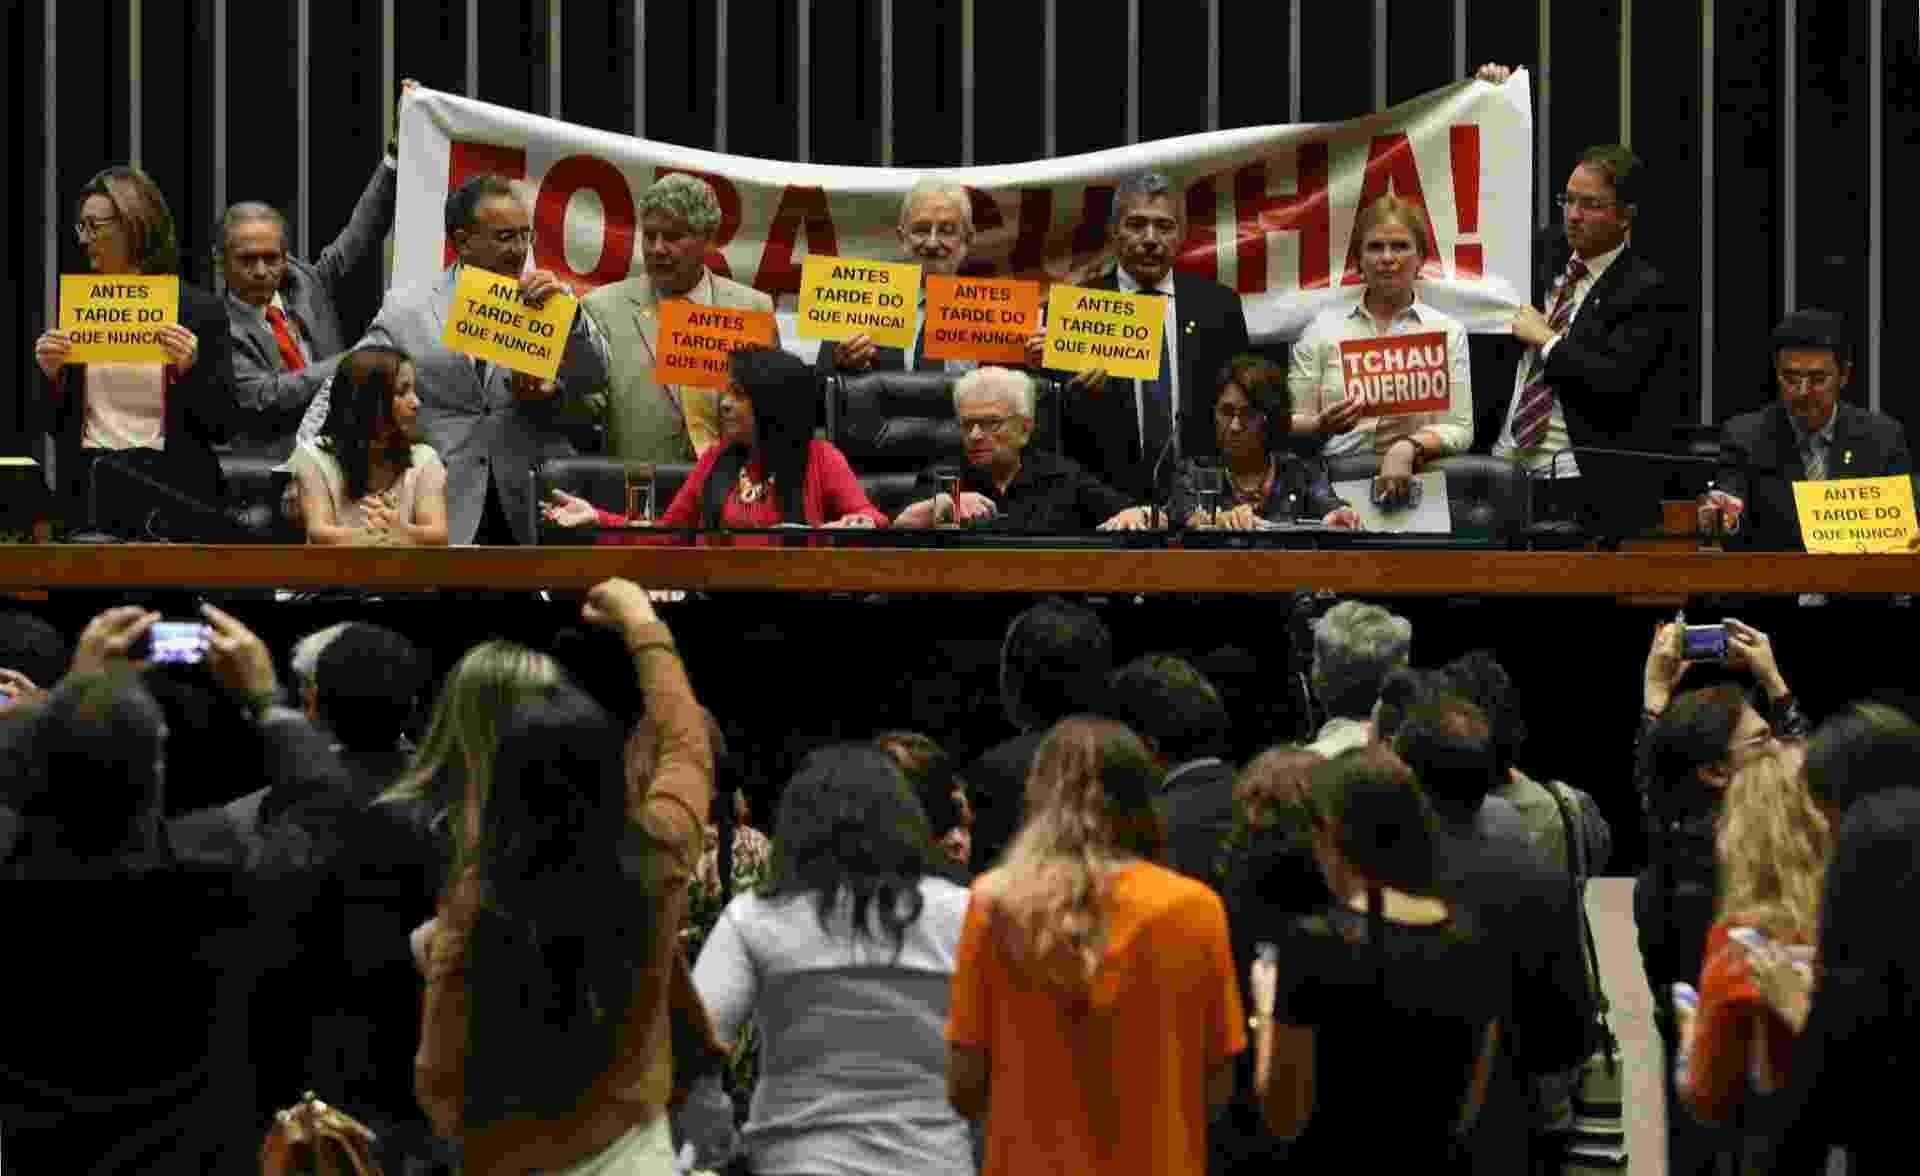 5.mai.2016 - A deputada federal Luiza Erundina (PSOL-SP) preside sessão no plenário da Câmara, em Brasília, sem o serviço de áudio, e tendo ao fundo deputados da oposição ao presidente afastado da Casa, Eduardo Cunha (PMDB- RJ), exibindo cartazes de protesto, após encerramento de sessão extraordinária pelo deputado Waldir Maranhão (PP-MA), que assume interinamente a presidência da Câmara - André Dusek/Estadão Conteúdo